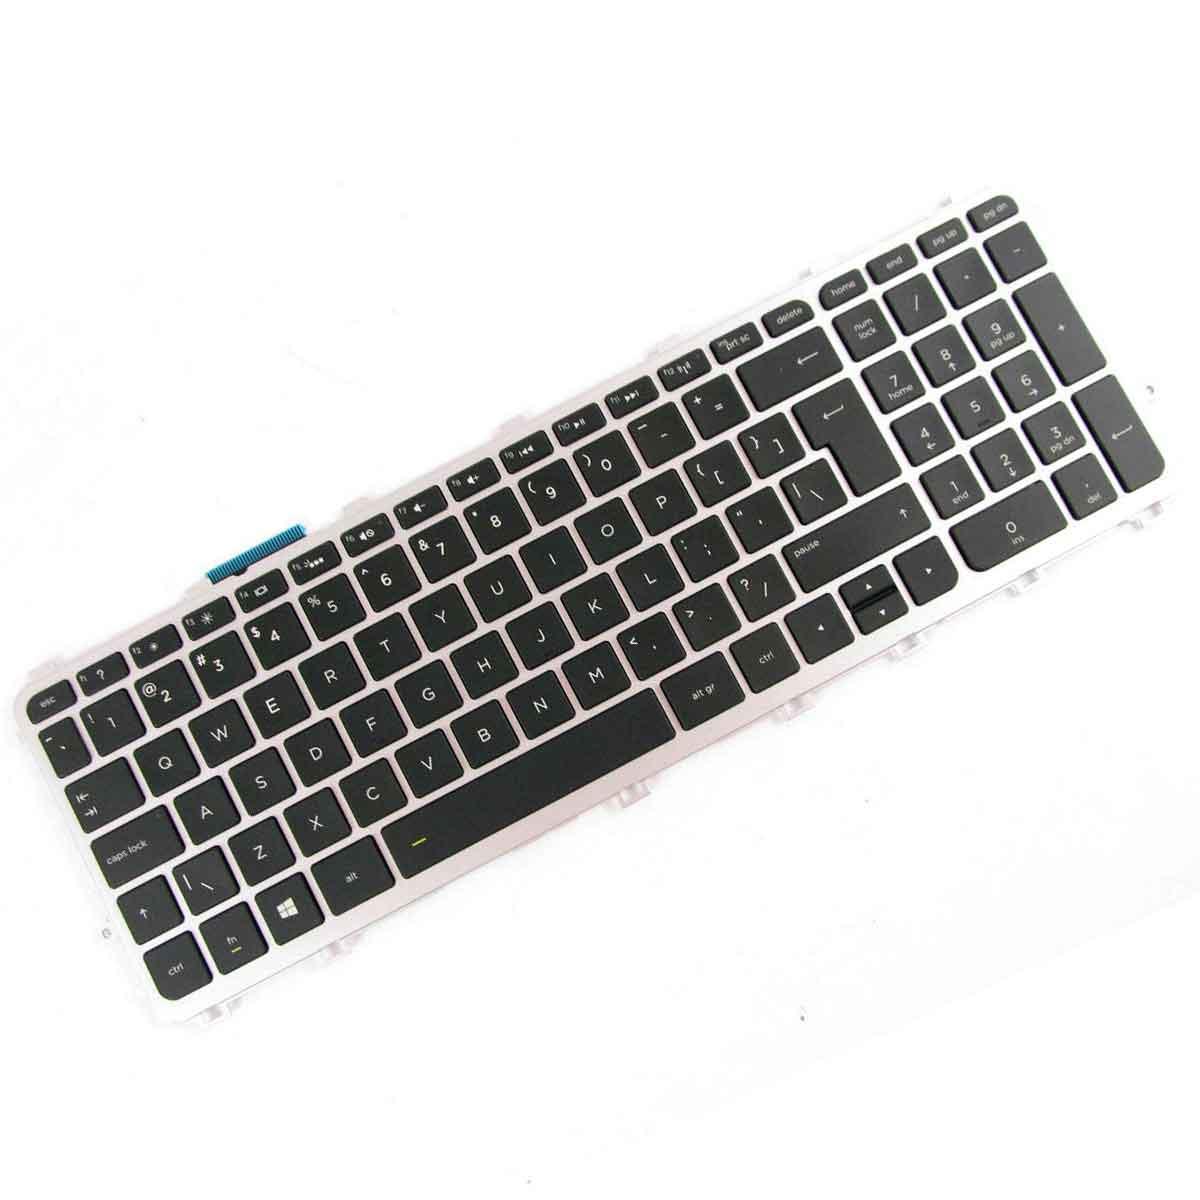 کیبورد لپ تاپ اچ پی Keyboard Laptop Hp 15j